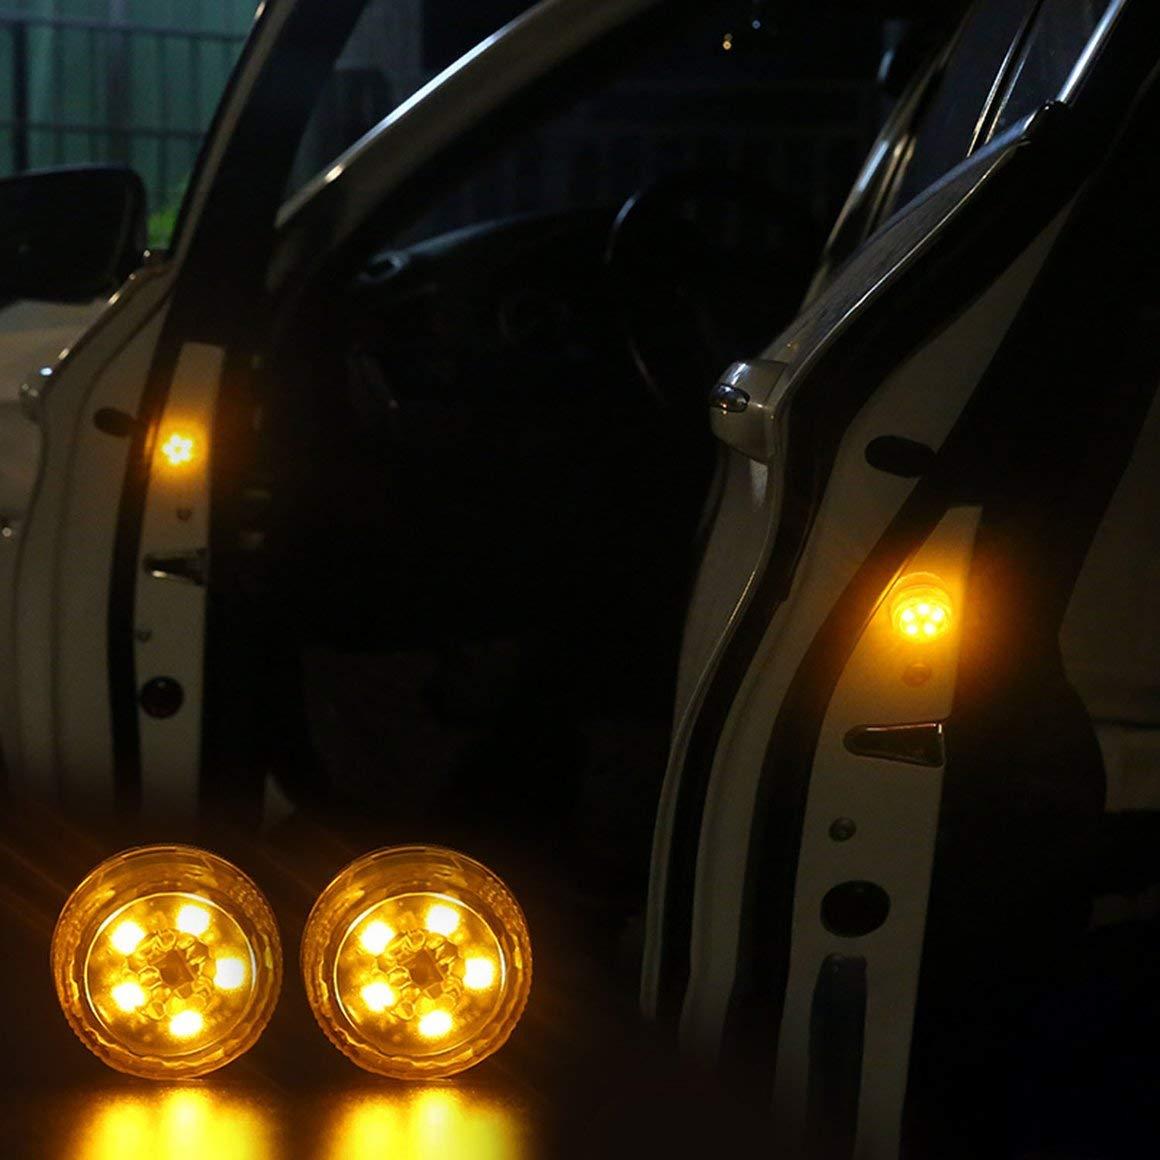 Funnyrunstore Modificació n gratuita inalá mbrico Car-Styling LED Light Anti Collision Luz de la puerta del coche (Amarillo)